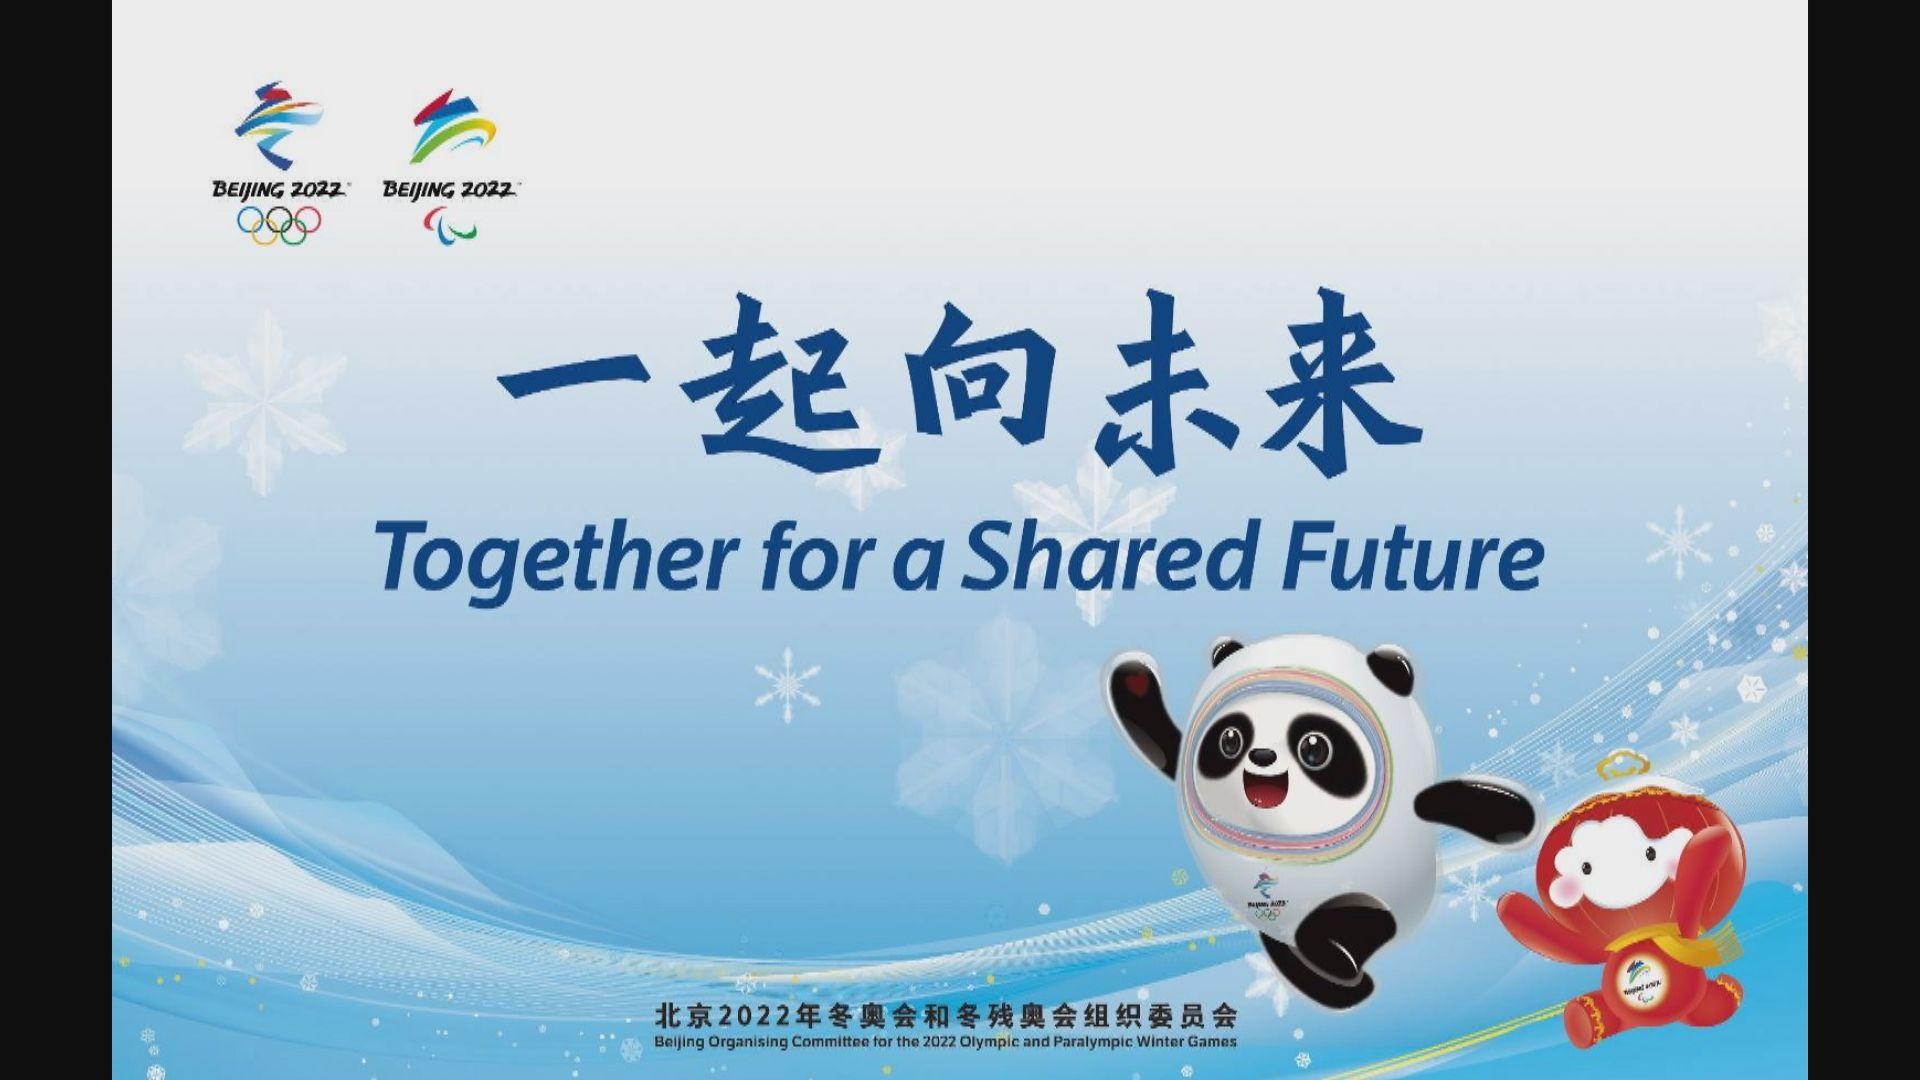 北京冬奧會明年二月舉行 主題口號:「一起向未來」